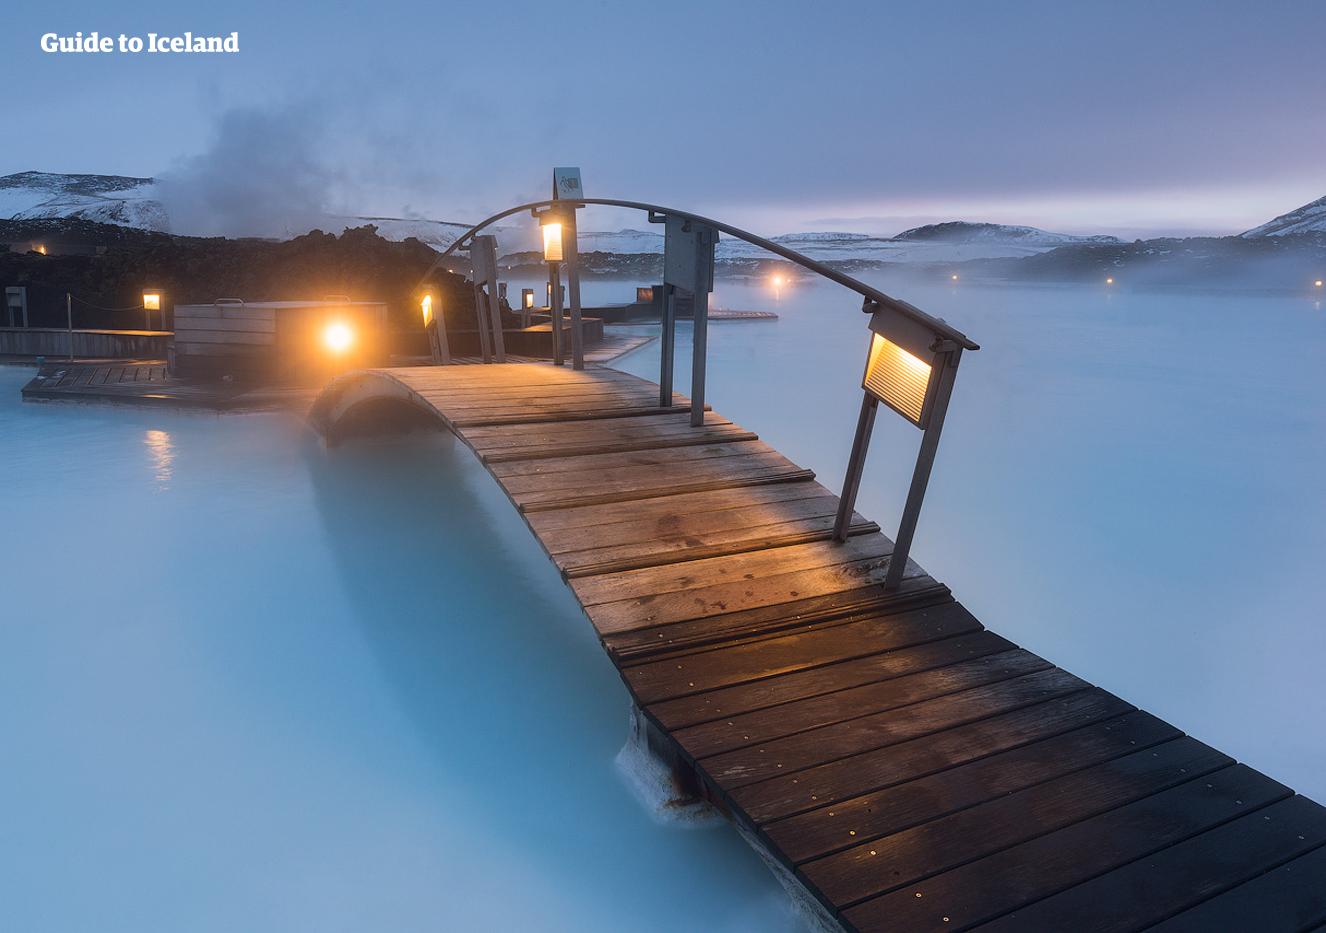 Les eaux géothermales du Blue Lagoon apaiseront tous les muscles endoloris